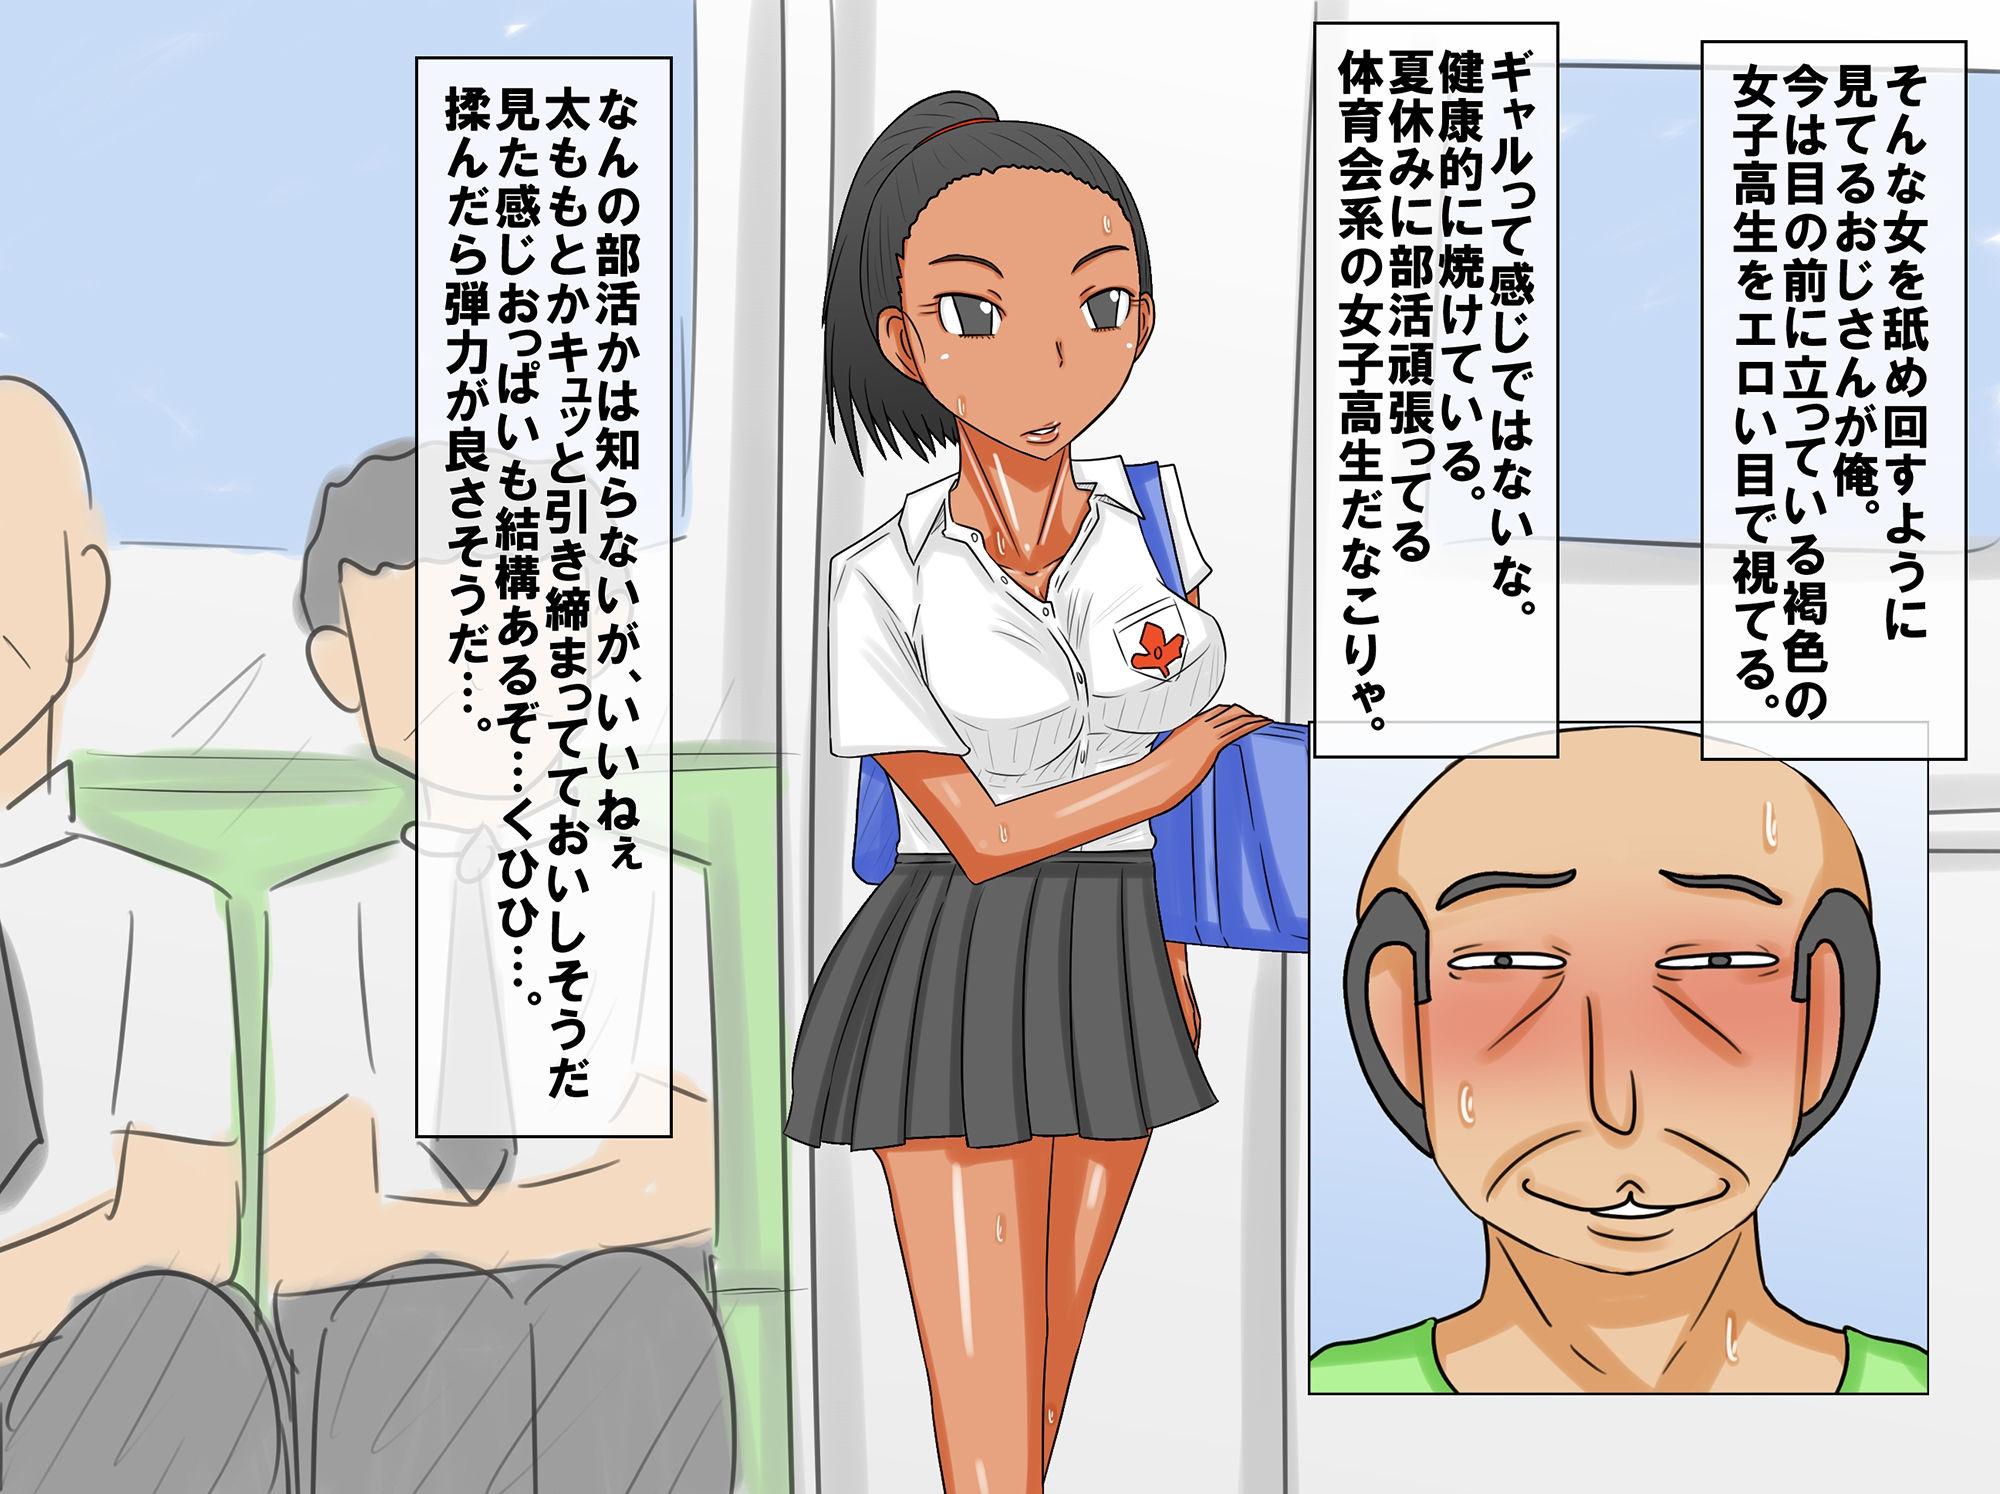 日常ブレイカーおじさん~休日の電車に現れる~ エロ画像